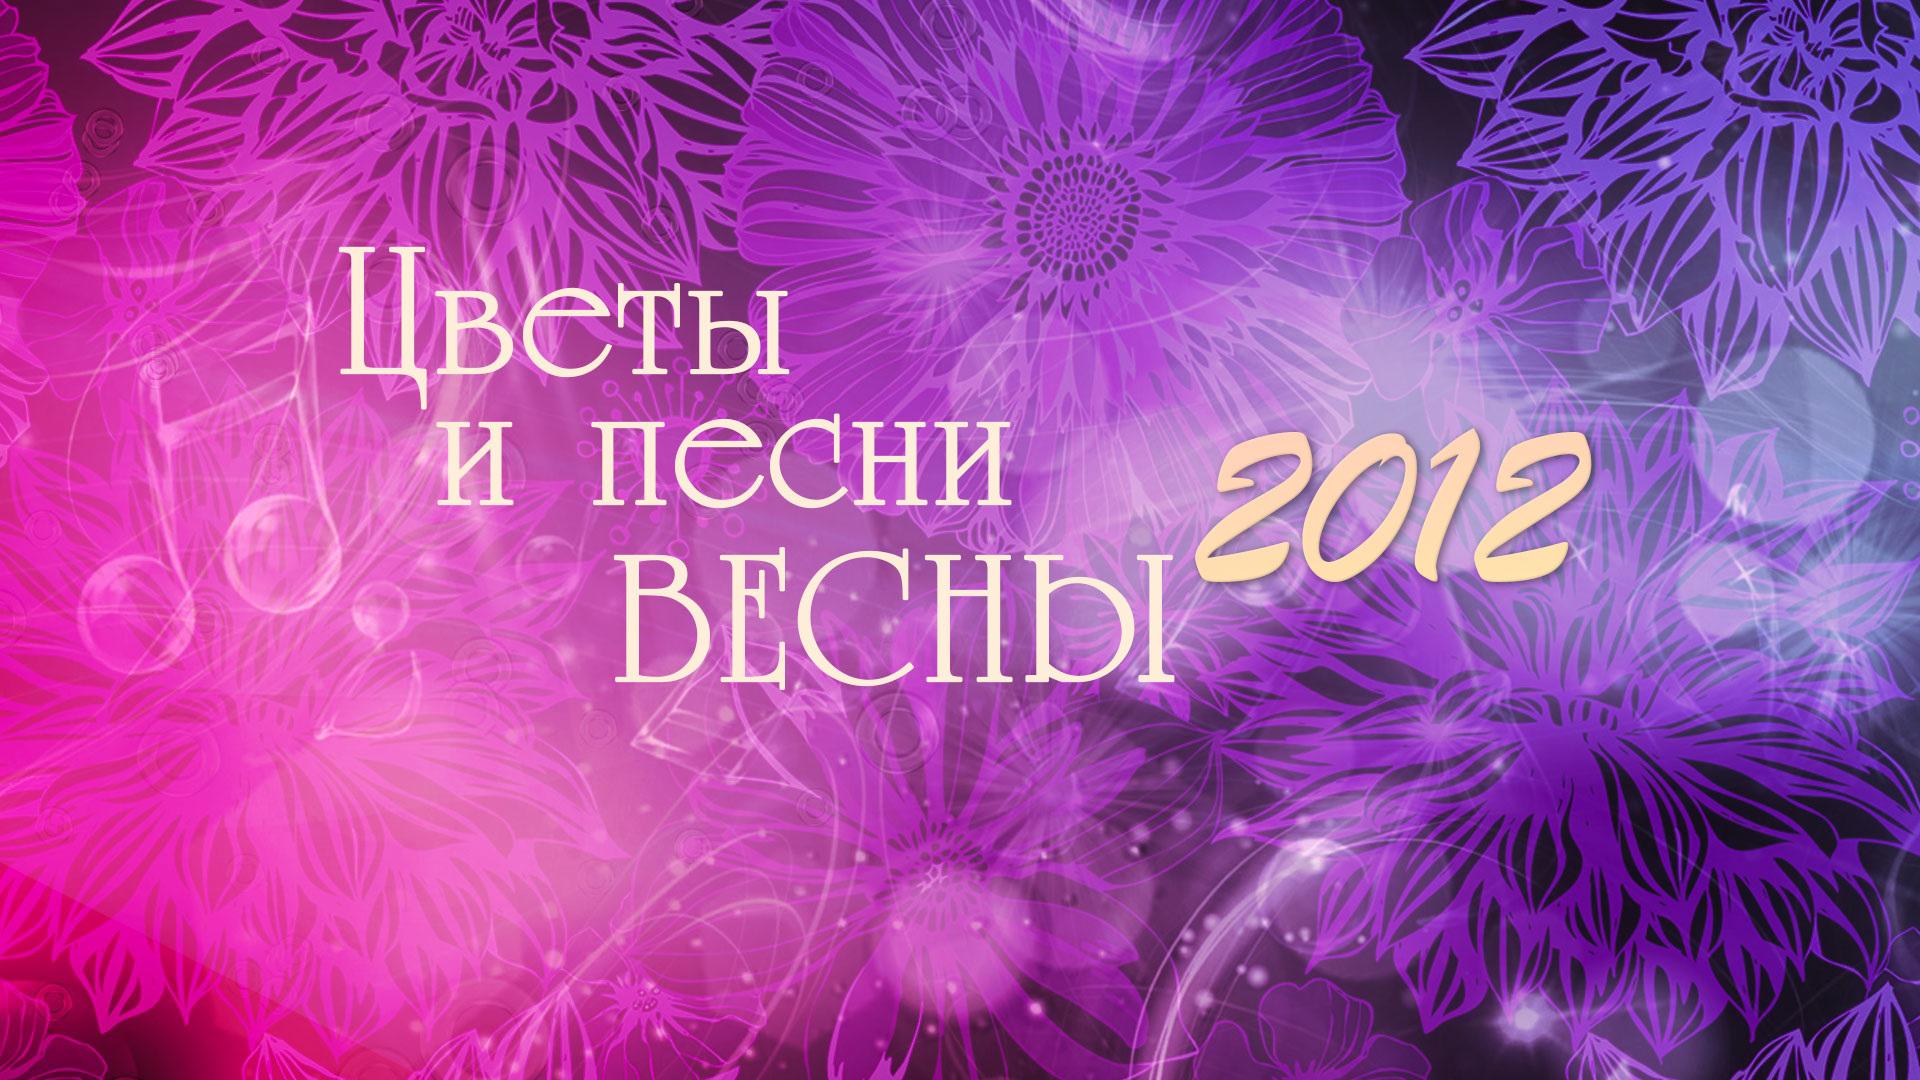 Цветы и песни весны-2012